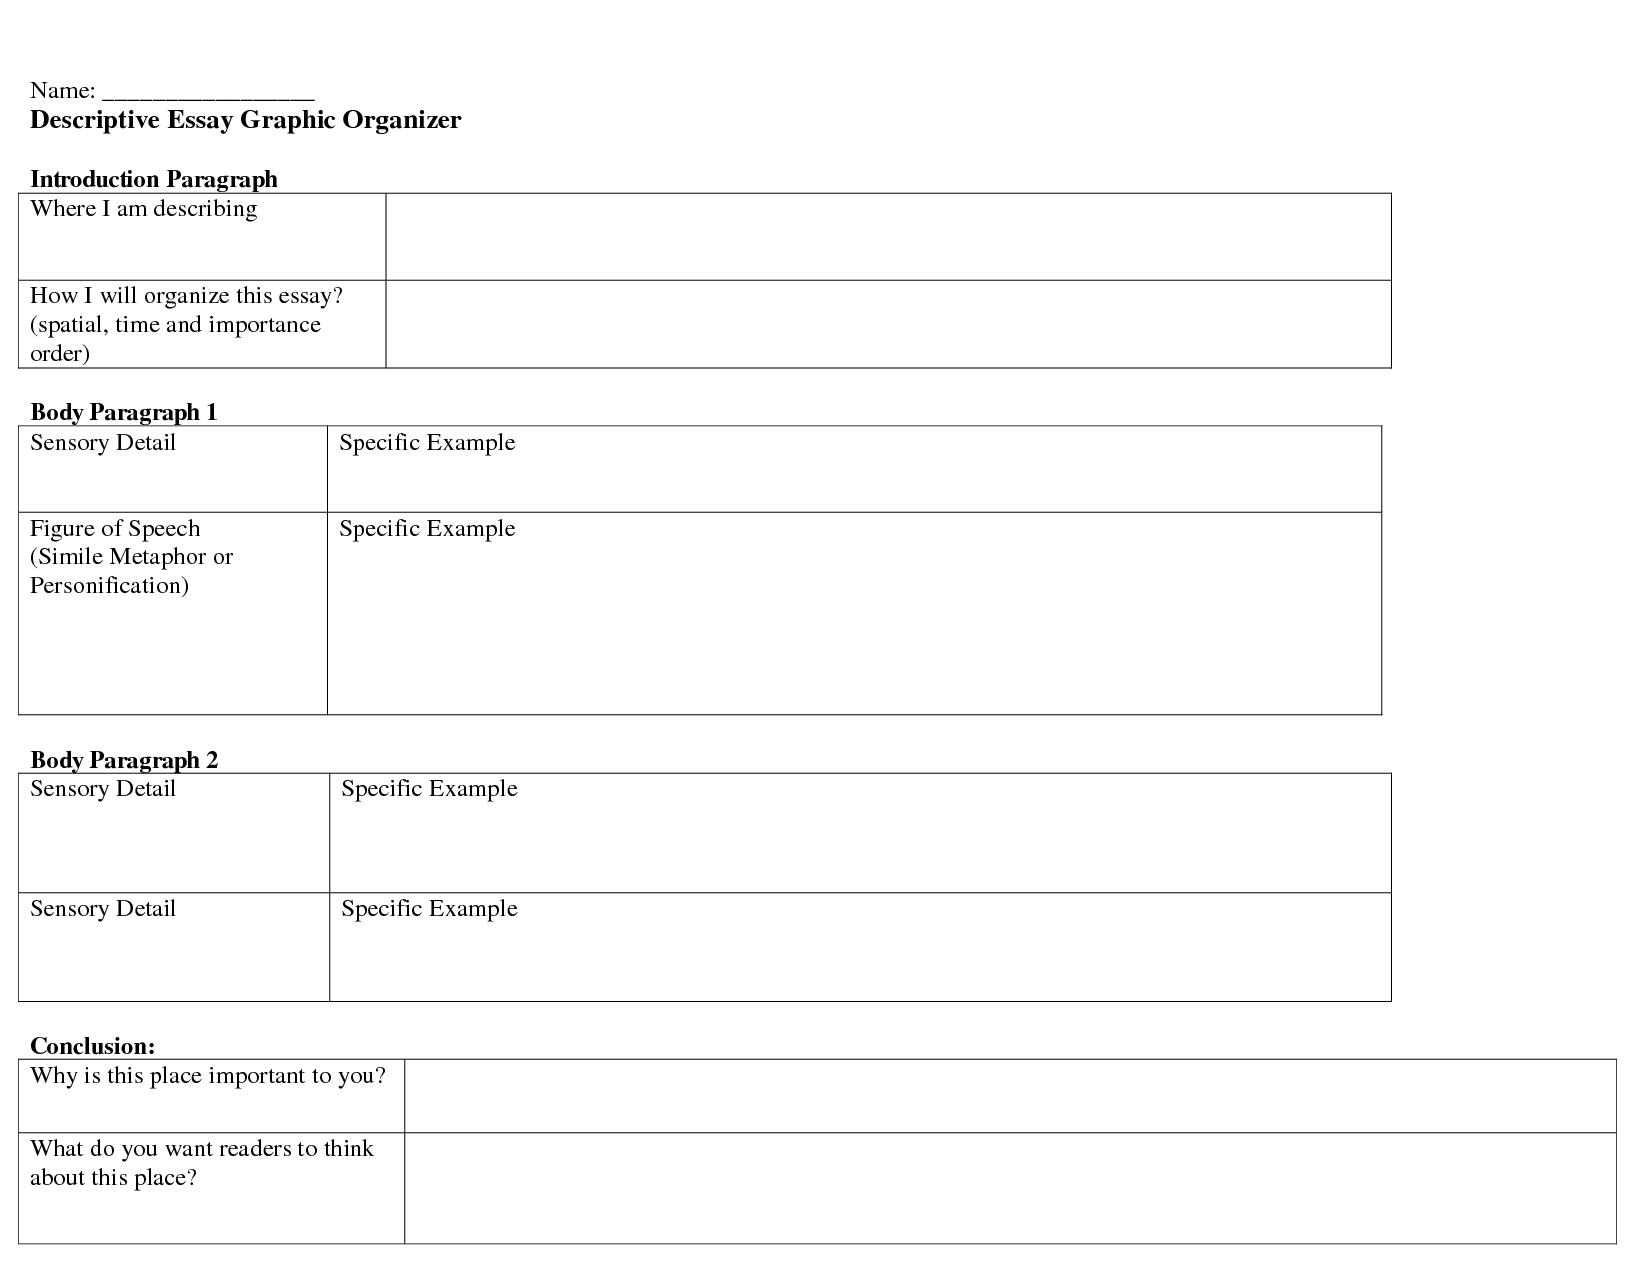 Descriptive Essay Graphic Organizer